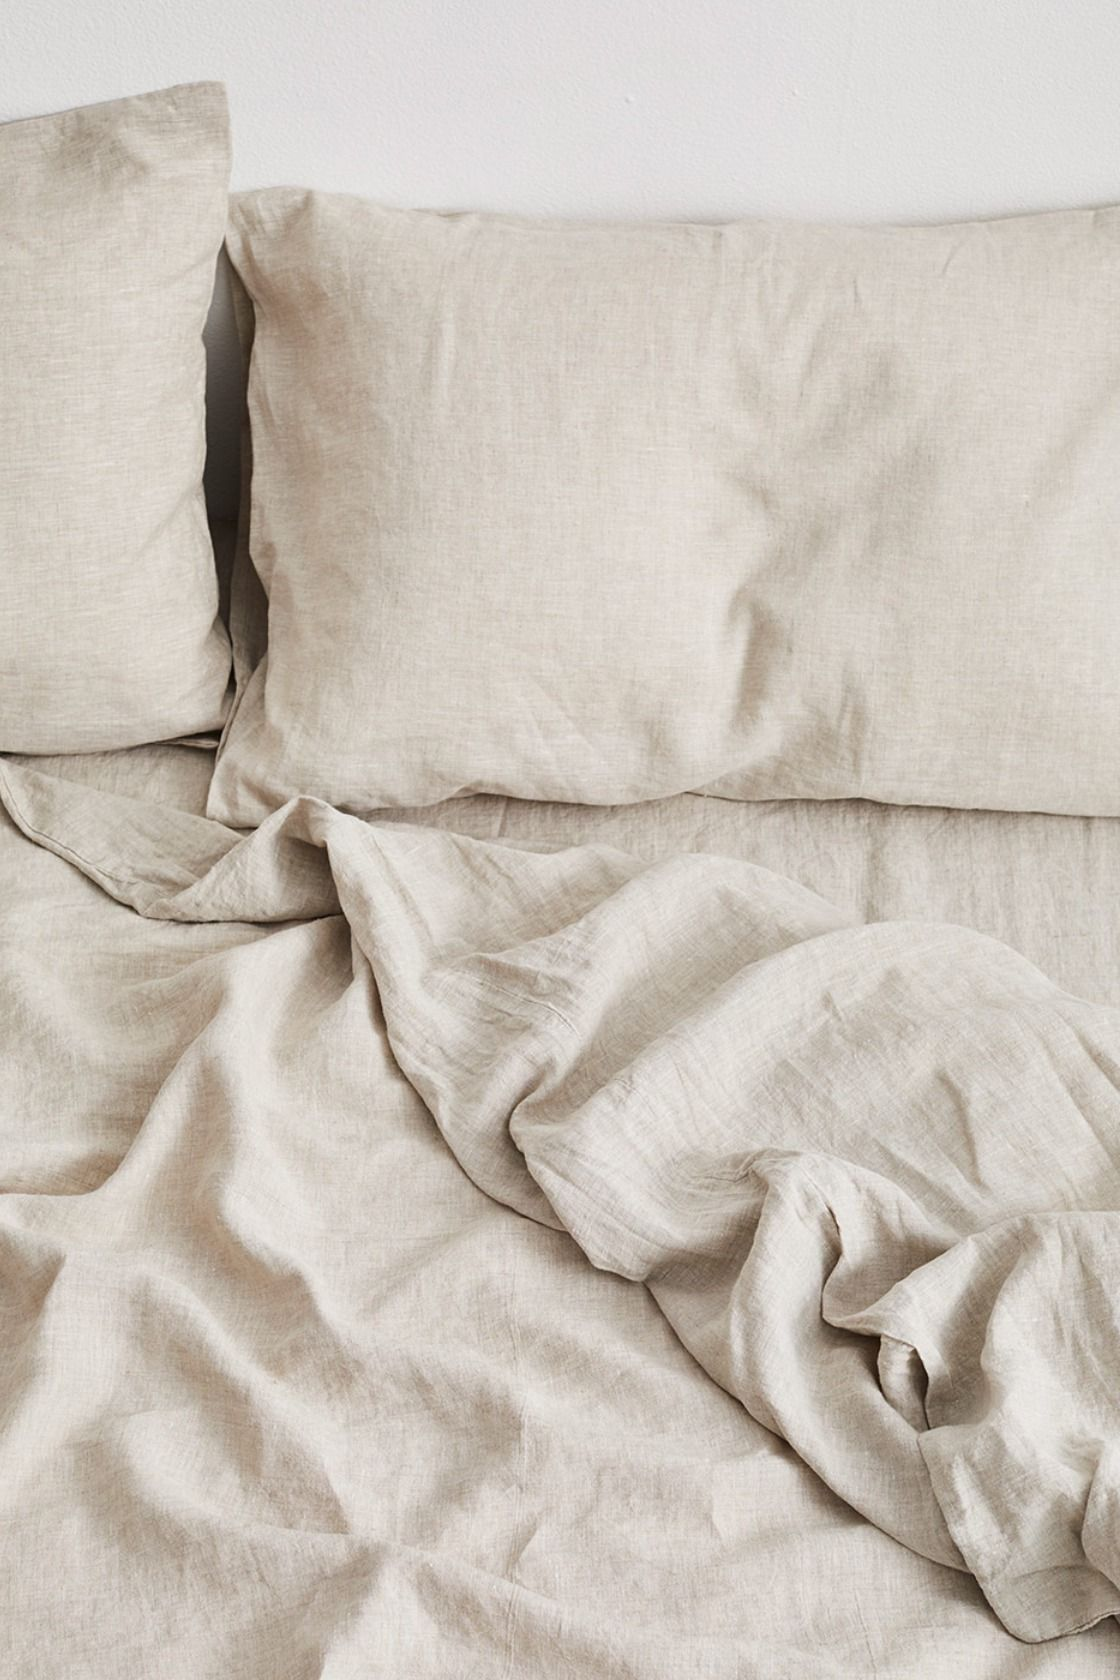 Oatmeal 100 Flax Linen Bedding Set Bed Linen Sets Linen Duvet Covers Bed Linens Luxury